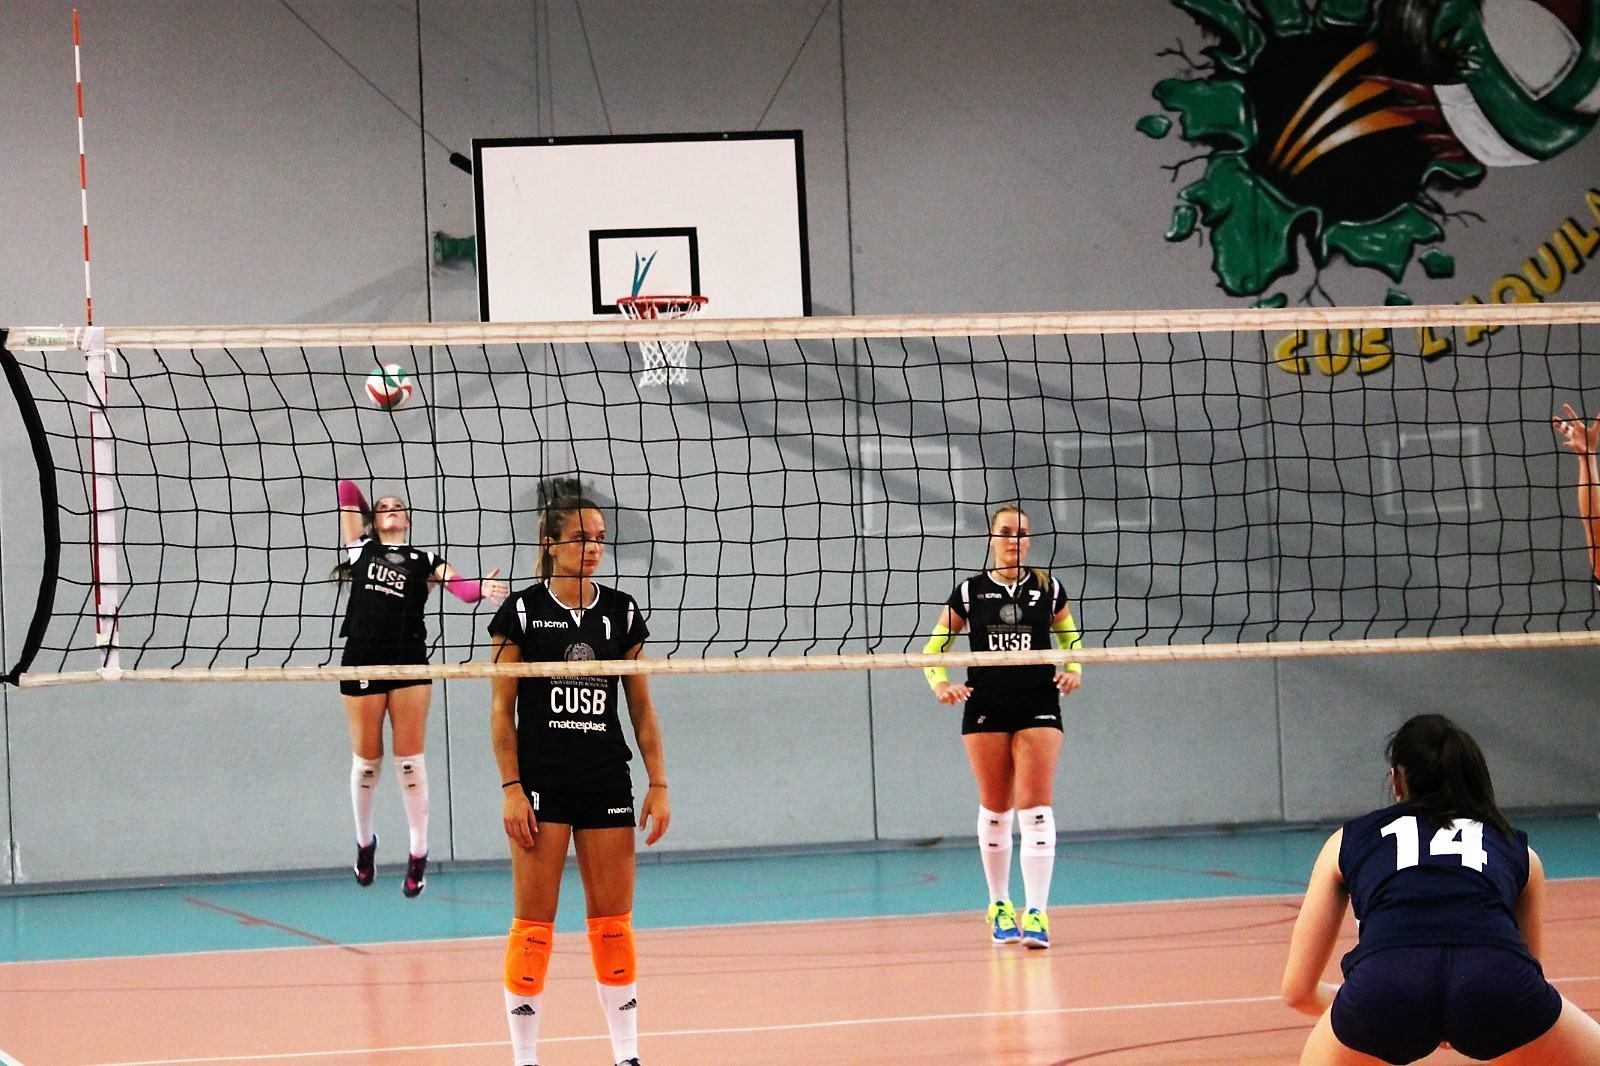 Cnu 2019 L'Aquila Volley Femminile Cus Bologna